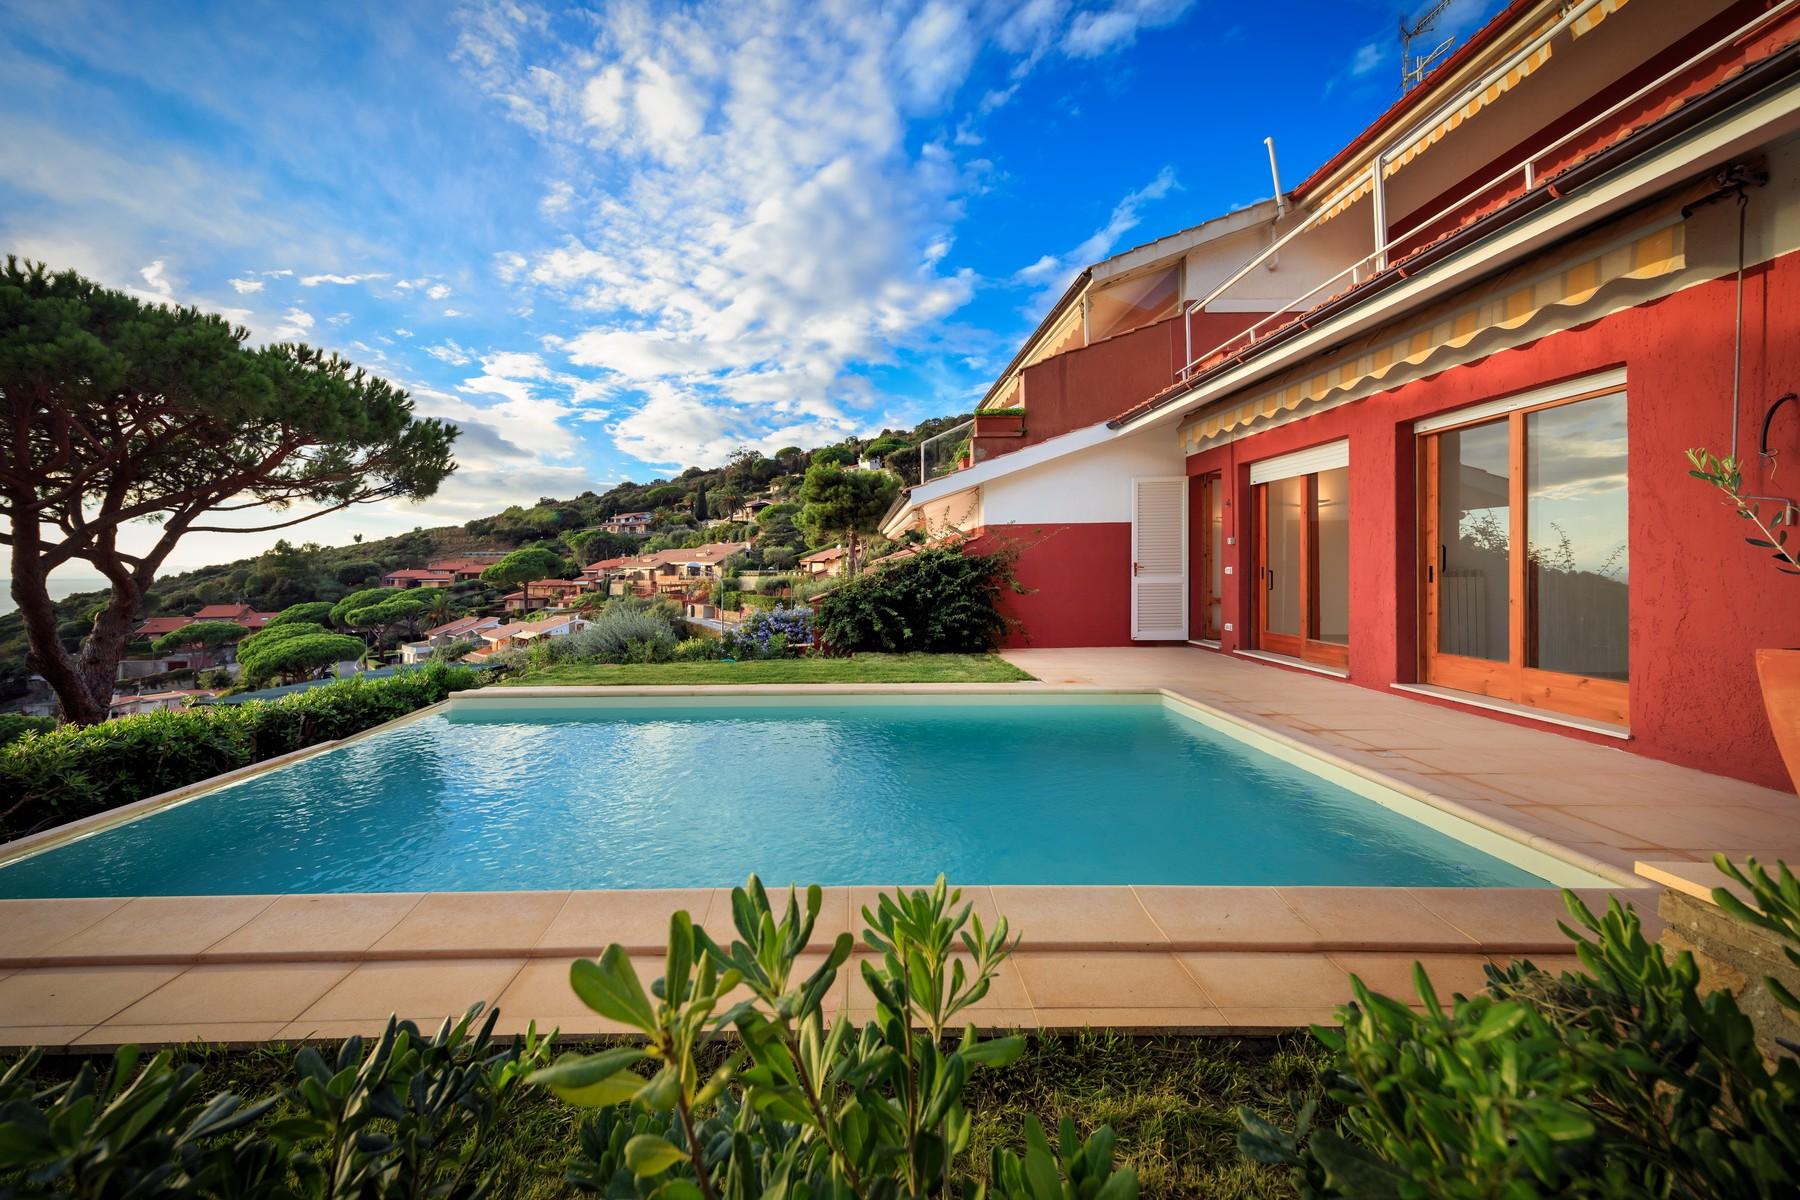 Casa indipendente in Vendita a Castiglione Della Pescaia via monte bianco